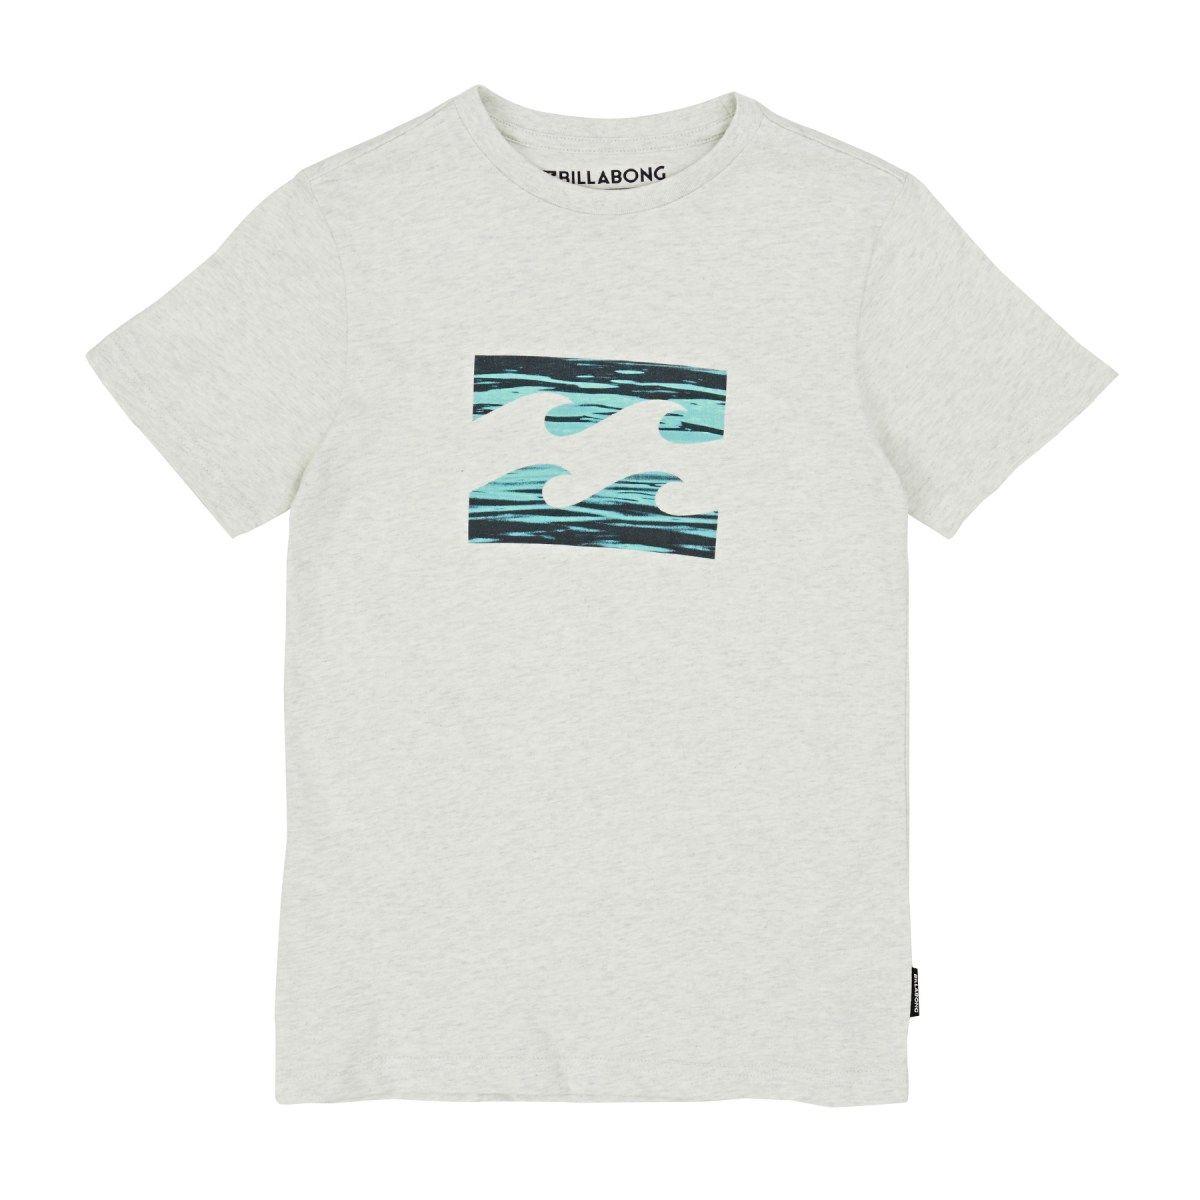 Billabong T-shirts - Billabong Team Wave Boys T-shirt - Light Grey Heat